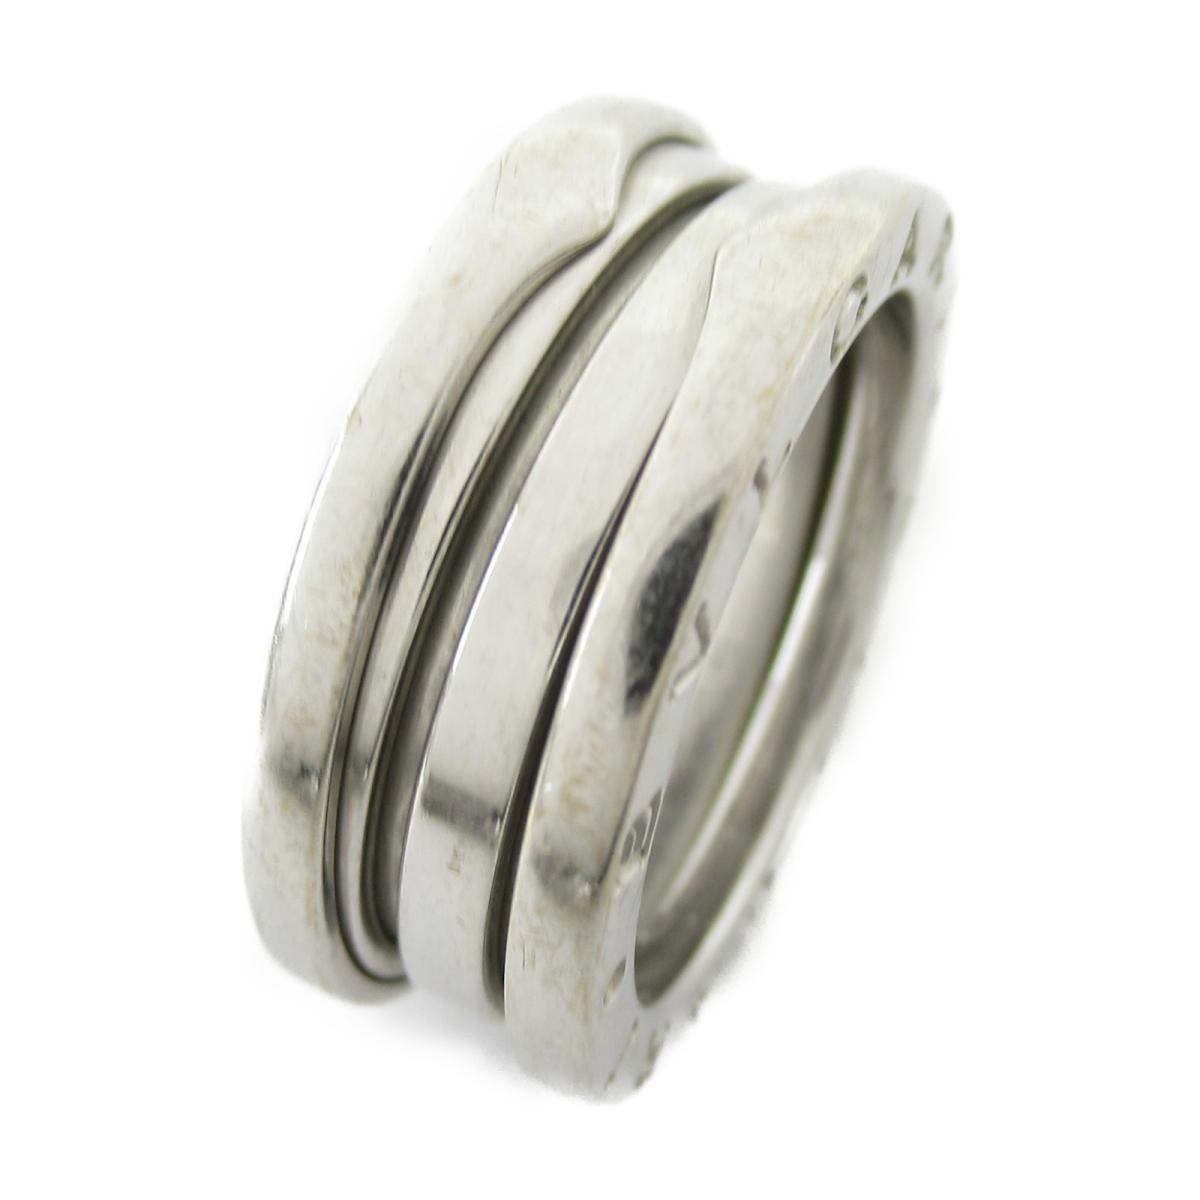 【中古】 ブルガリ B-zero1 リング Sサイズ 指輪 メンズ レディース K18WG (750) ホワイトゴールド | BVLGARI BRANDOFF ブランドオフ ブランド ジュエリー アクセサリー